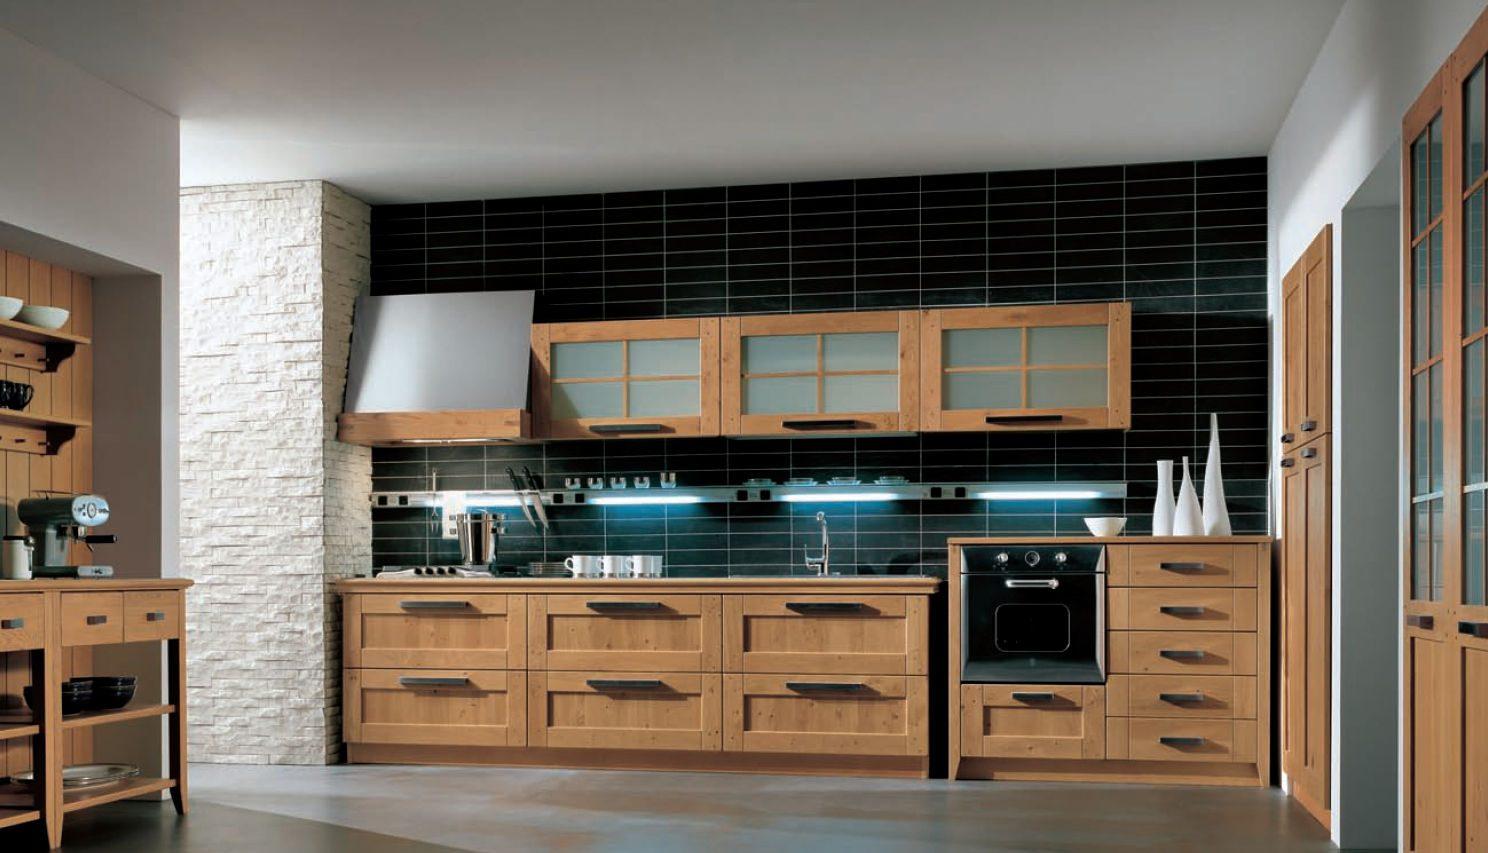 Puertas de madera puertas para cocina agloma - Cristales para puertas de cocina ...